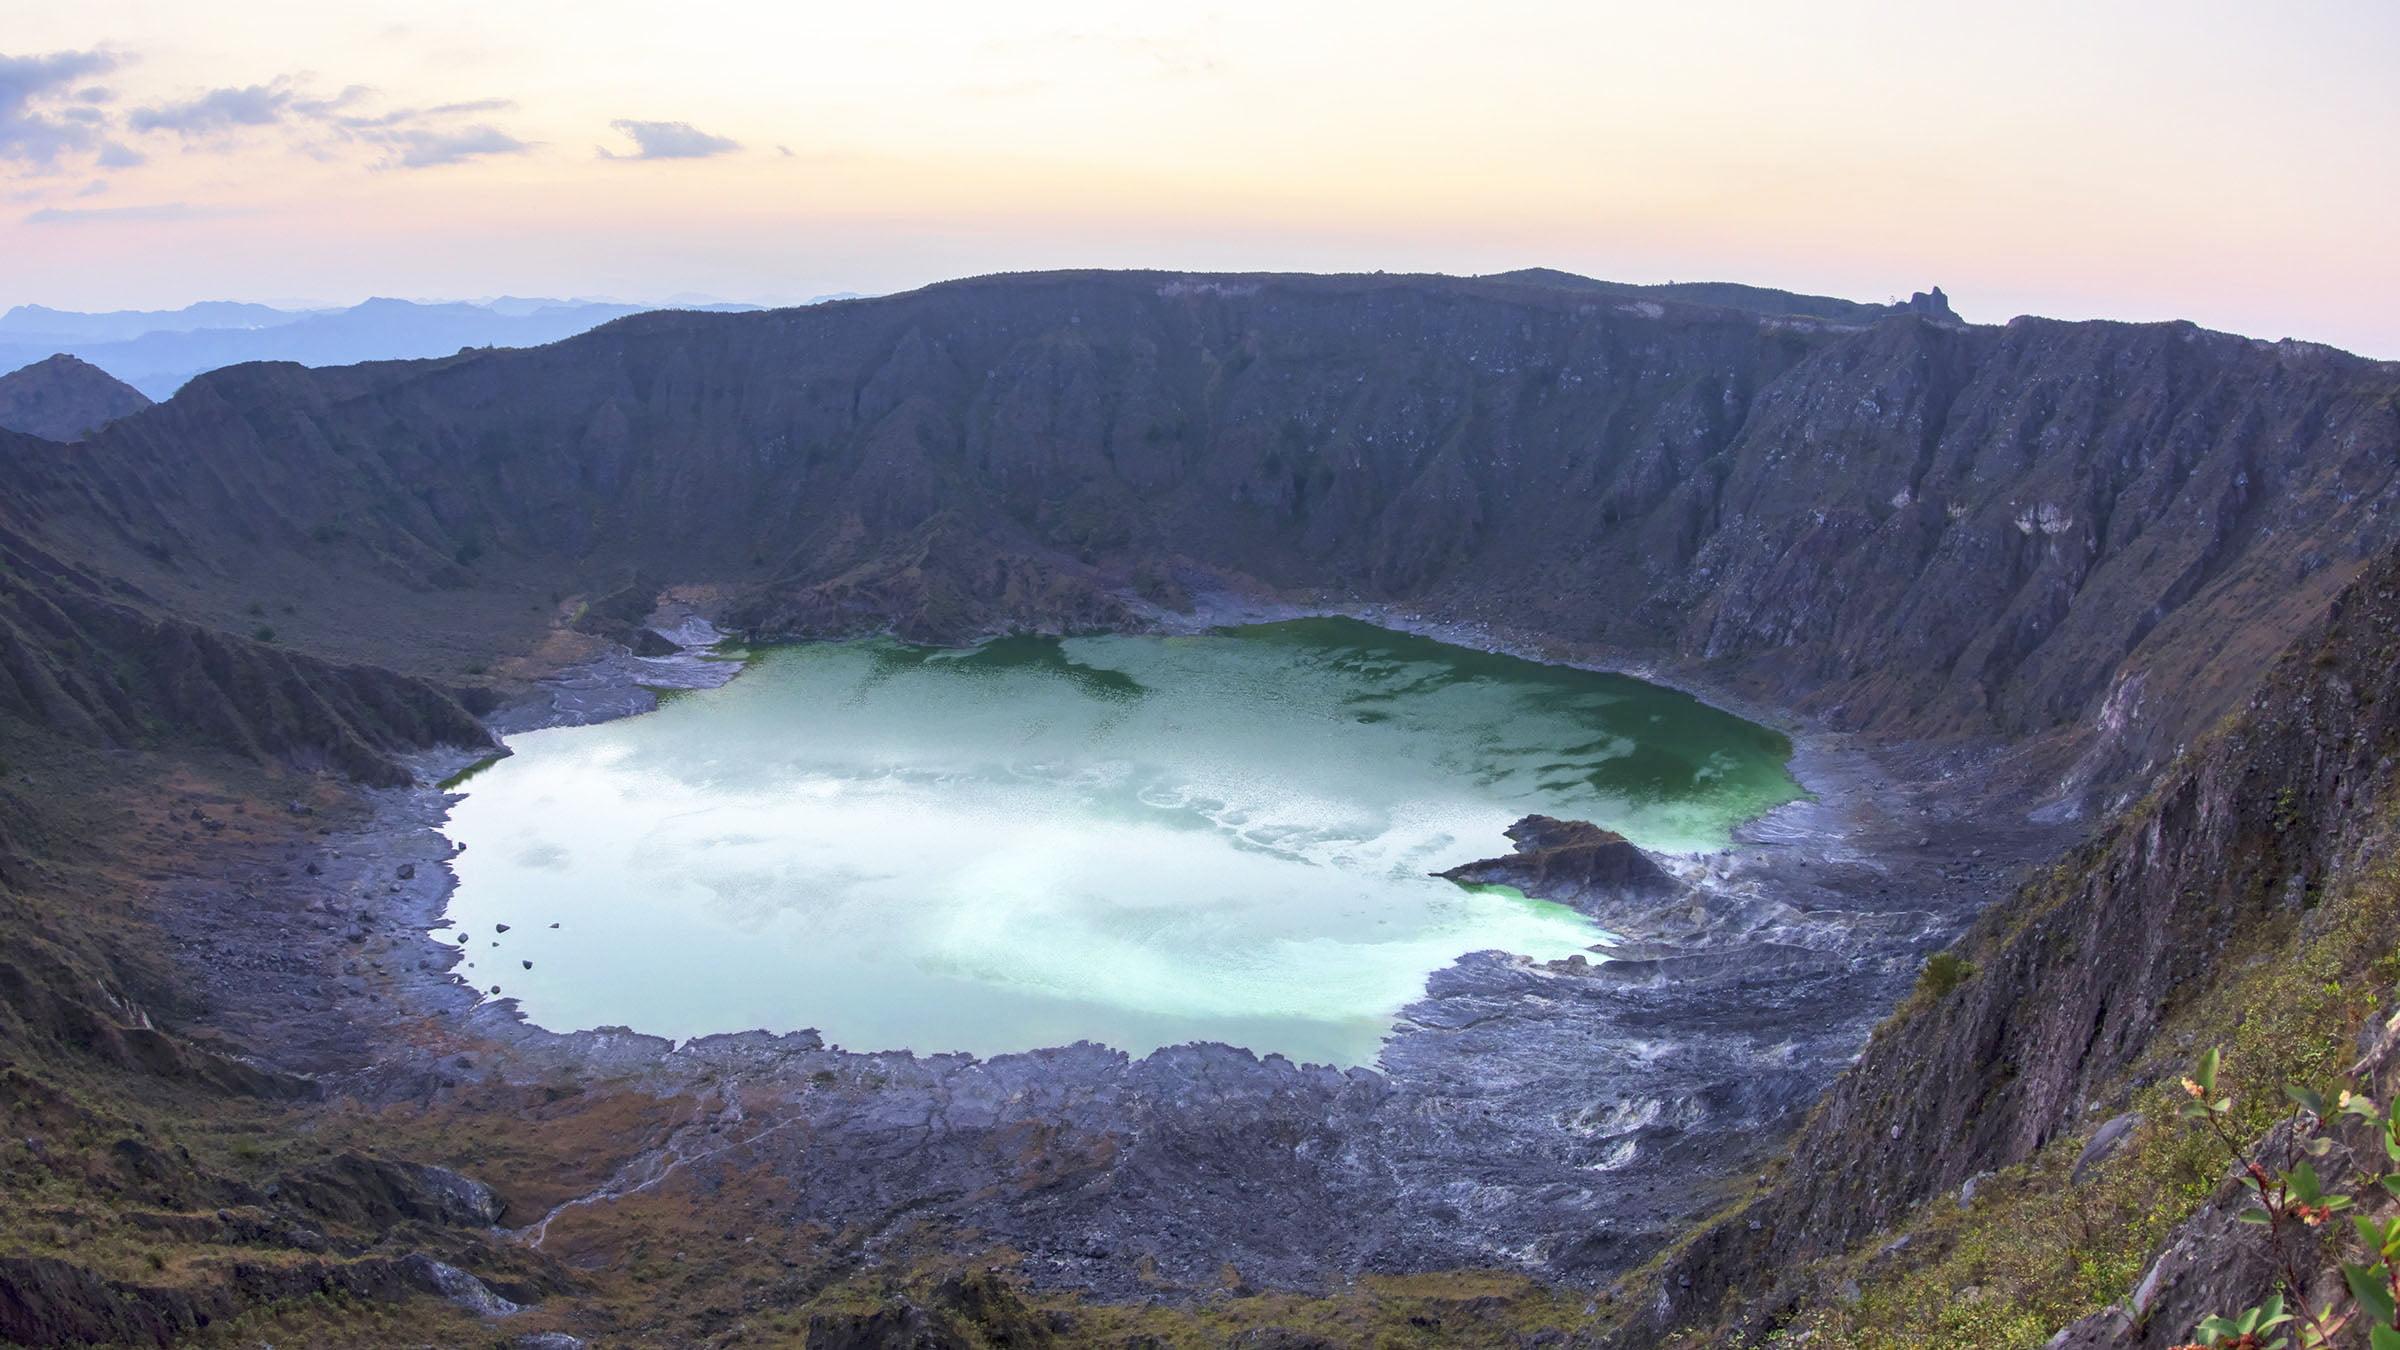 Vista del cráter del volcán Chichonal